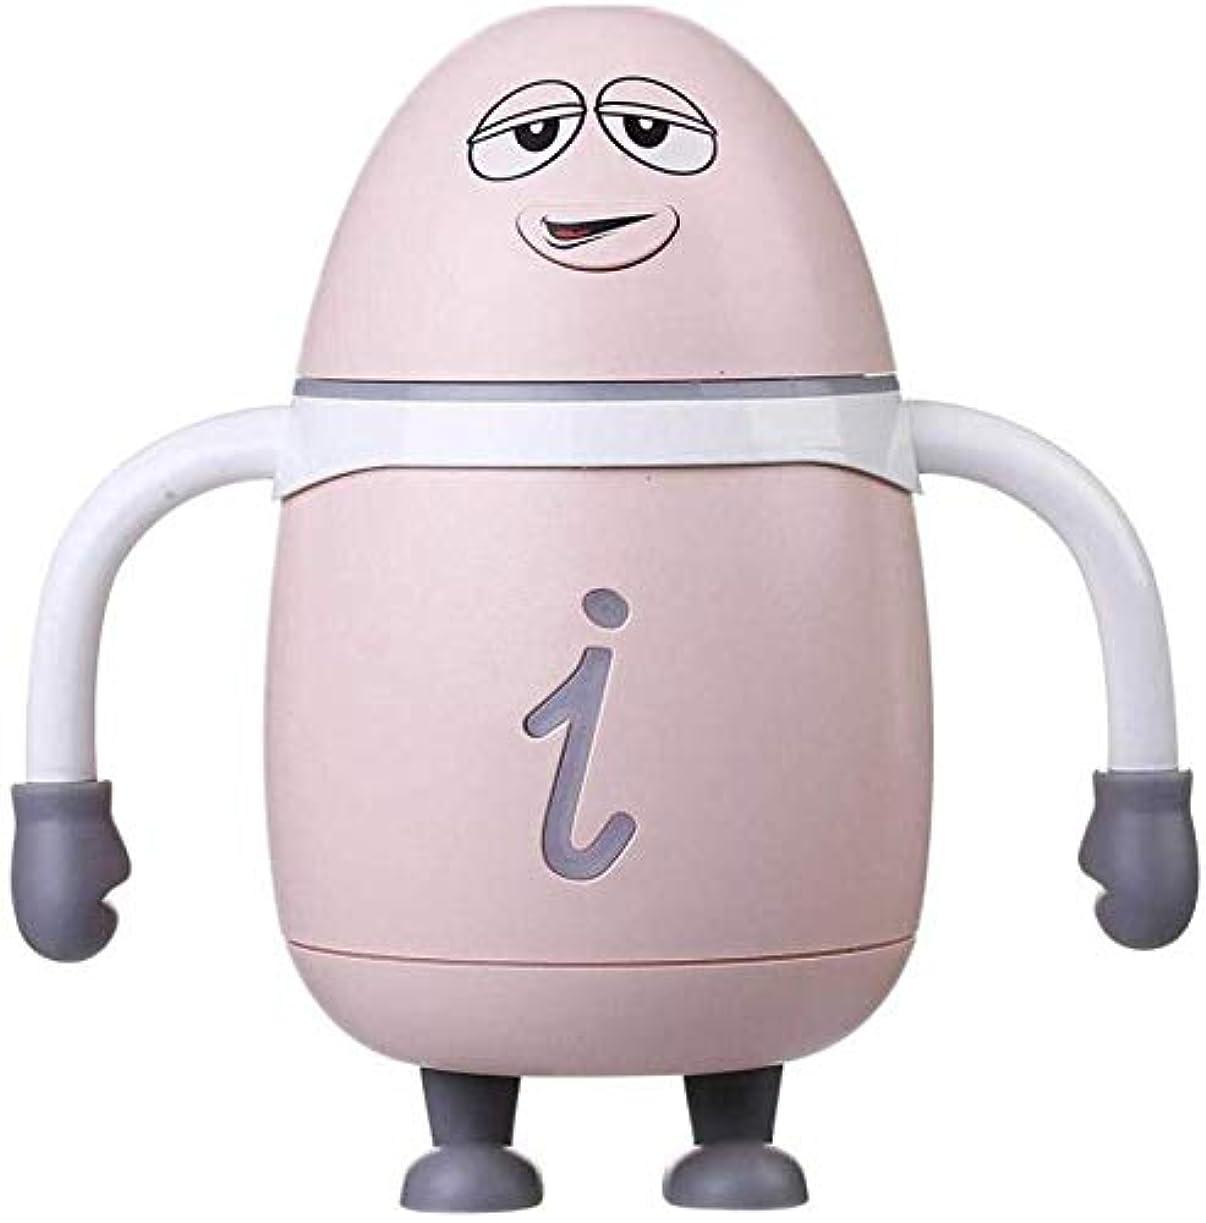 幻想的幻想的ペフSOTCE アロマディフューザー加湿器超音波霧化技術満足のいく解決策美しい装飾湿潤環境品質の製品 (Color : Pink)